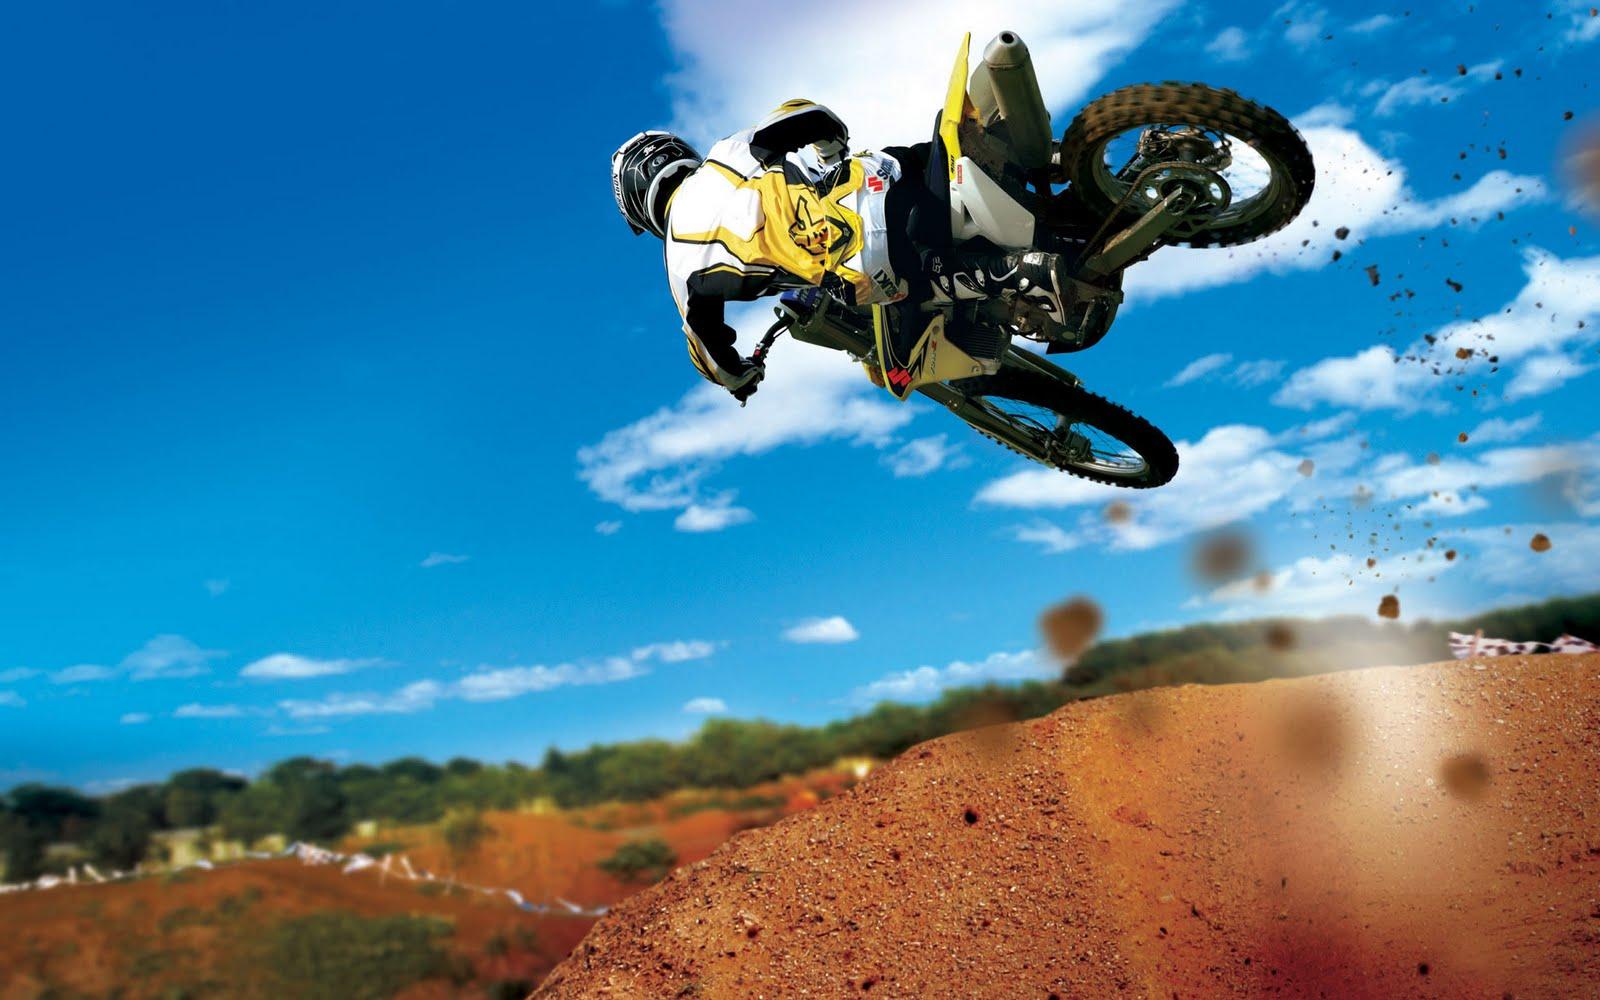 http://1.bp.blogspot.com/-u_Y0i5IFASA/TlIhJ8PgvbI/AAAAAAAAA9I/nCTEA-6Tfx8/s1600/motocross+stunt+wide.jpg